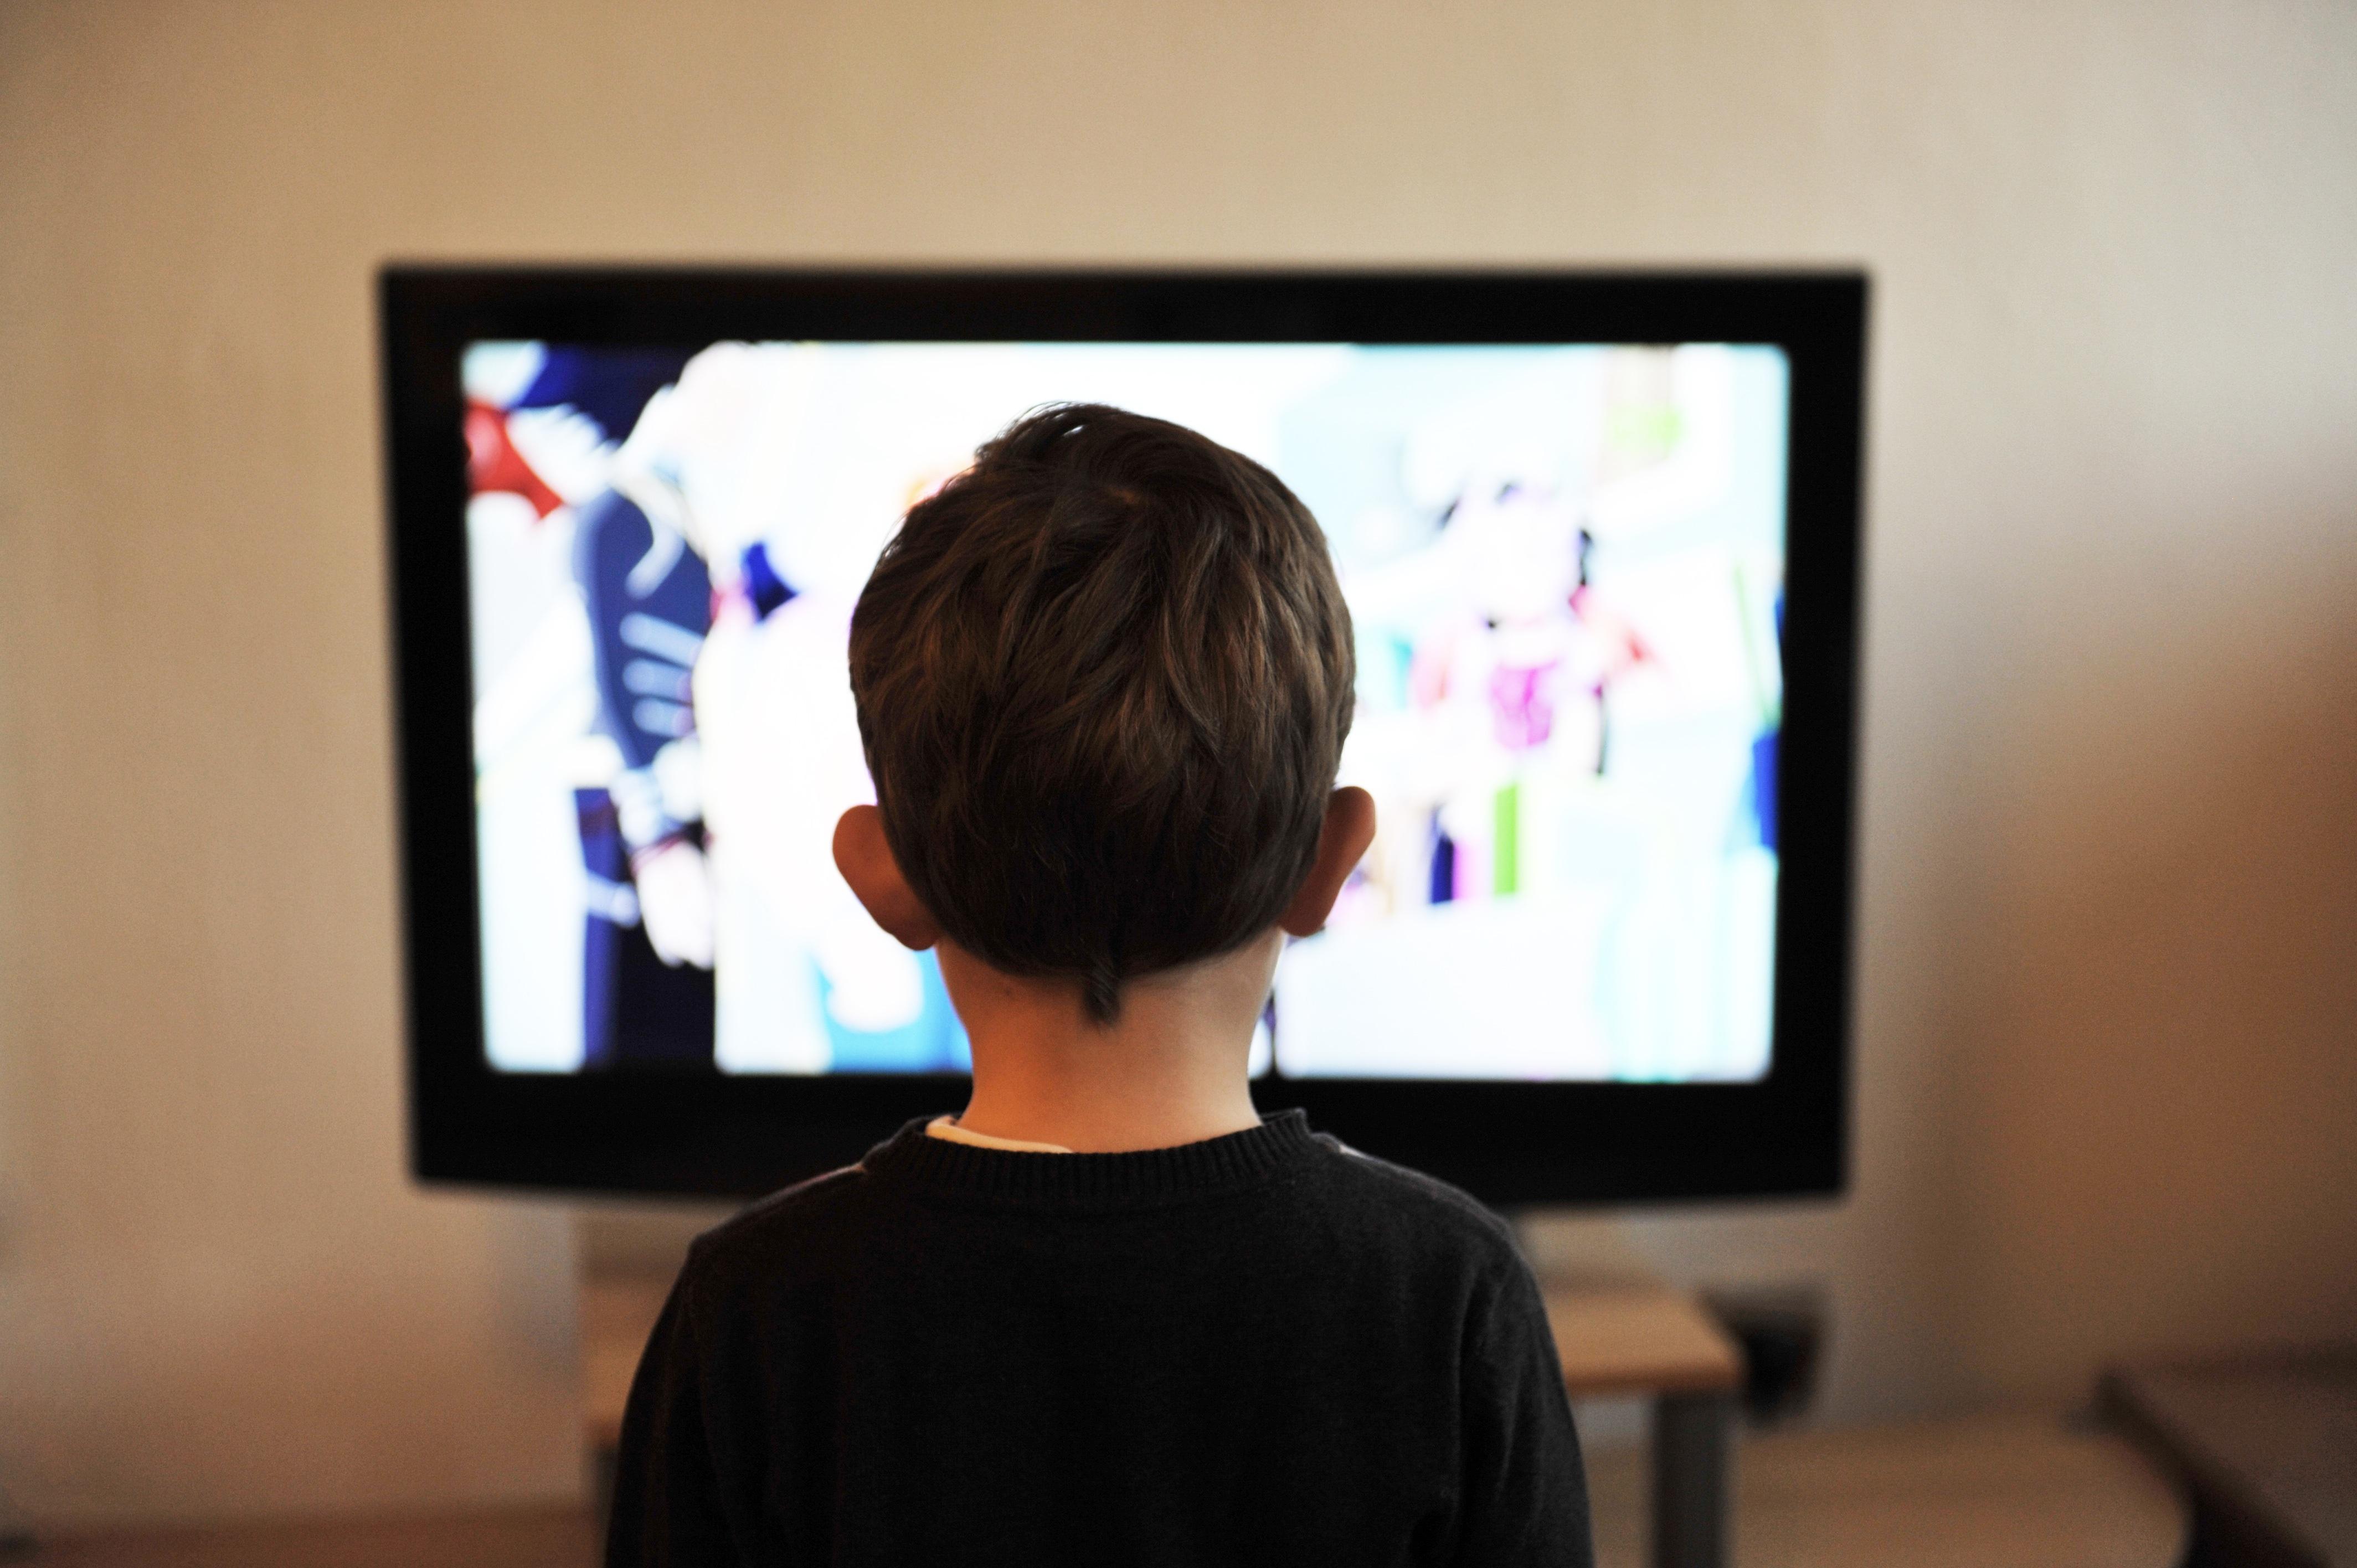 Assistir TV de perto pode ser um sinal de problema de visão (Fonte: Pixabay)